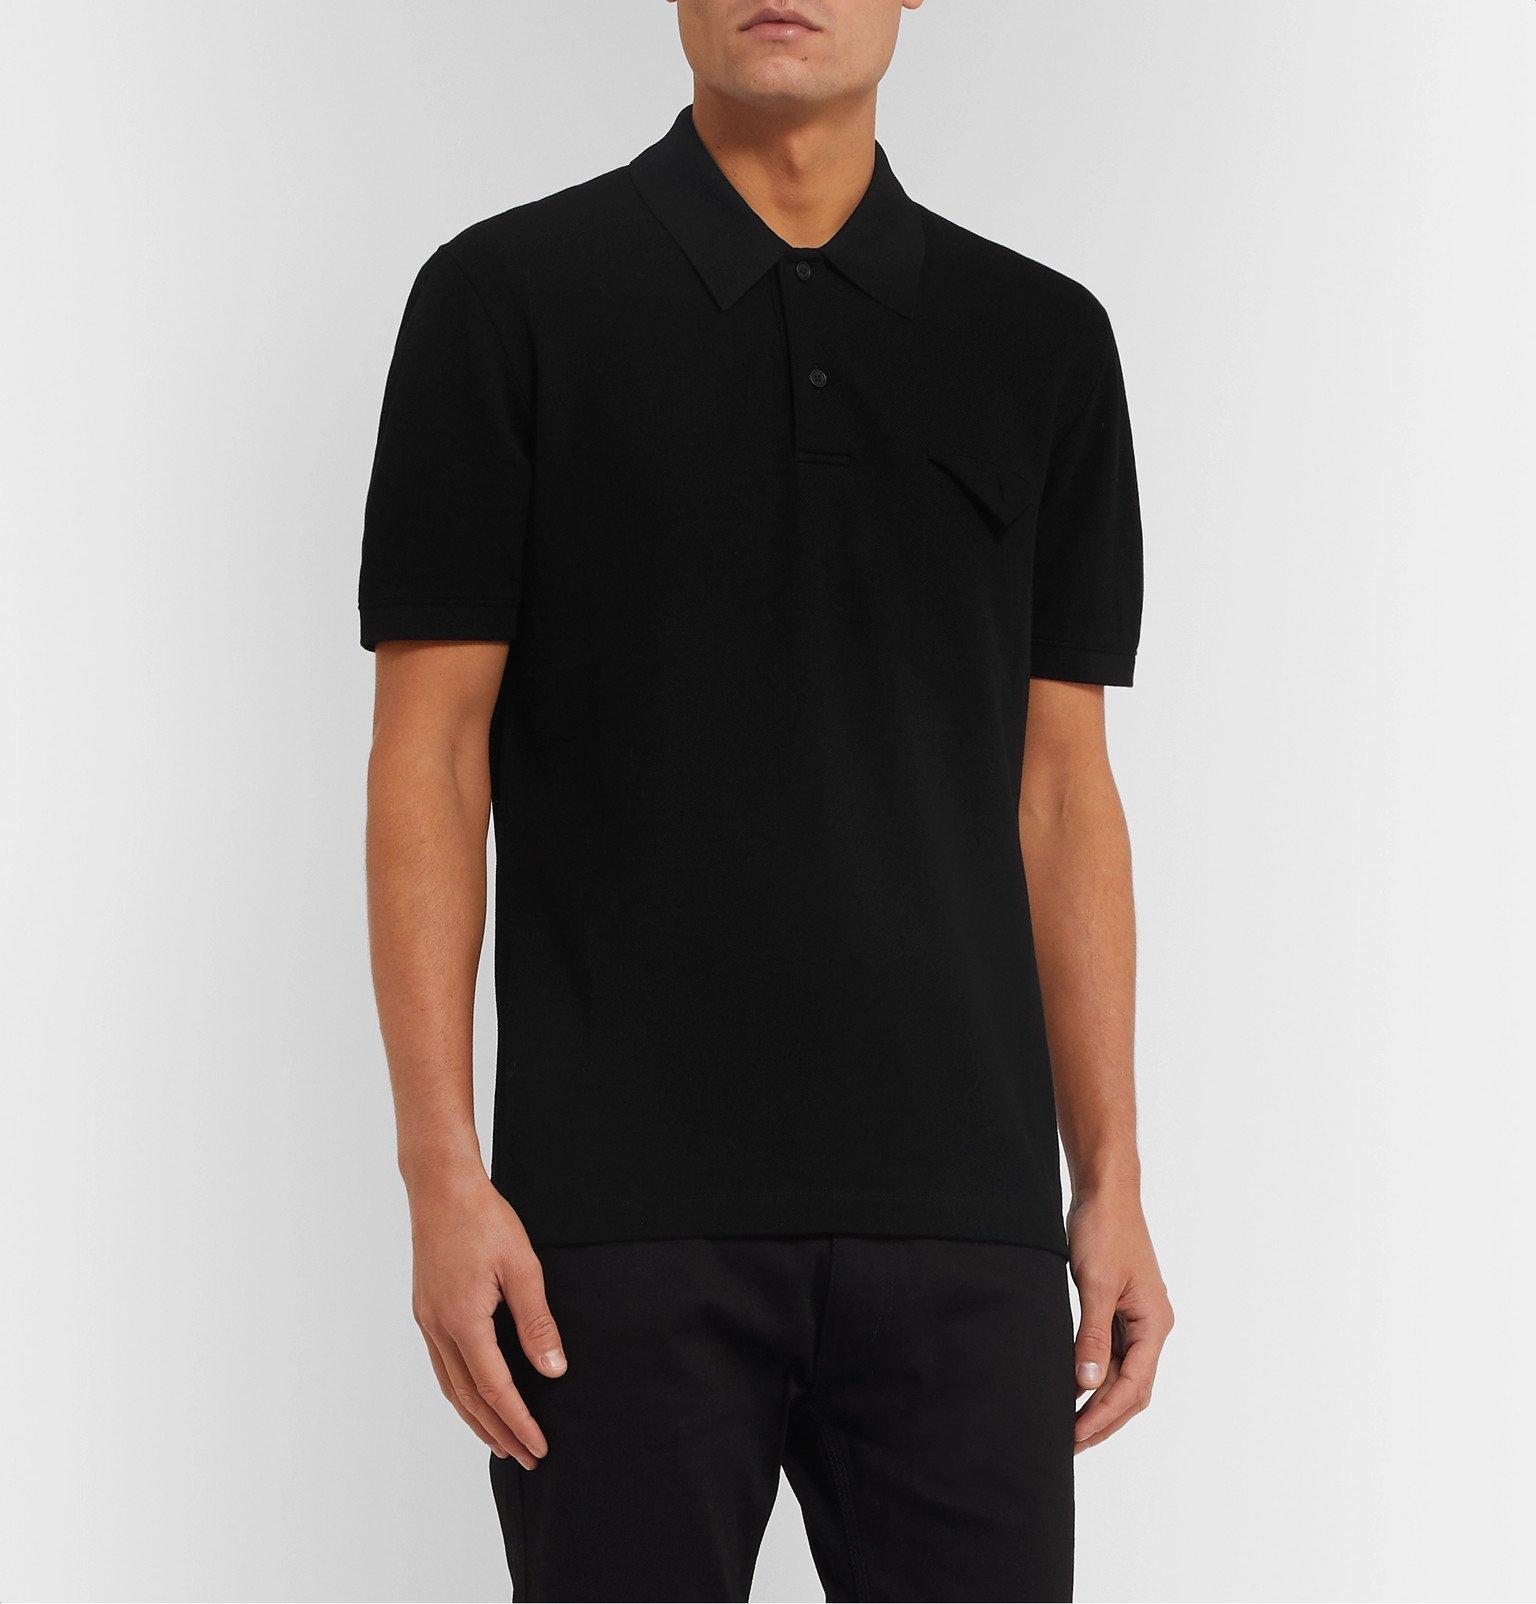 Bottega Veneta - Cotton-Piqué Polo Shirt - Black